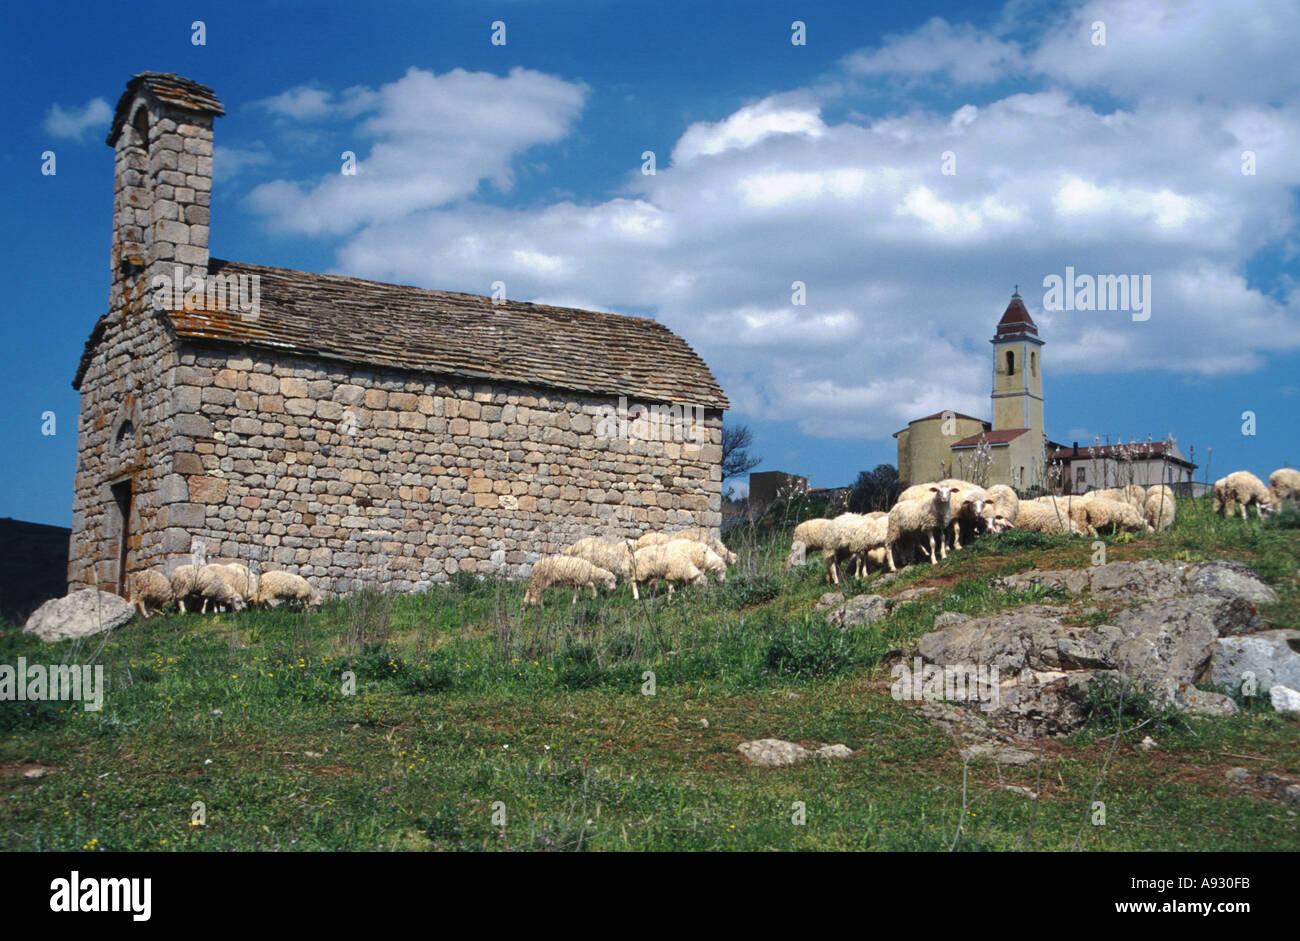 Italy Sardinia scenic with church and chapell near Onani sheeps - Stock Image